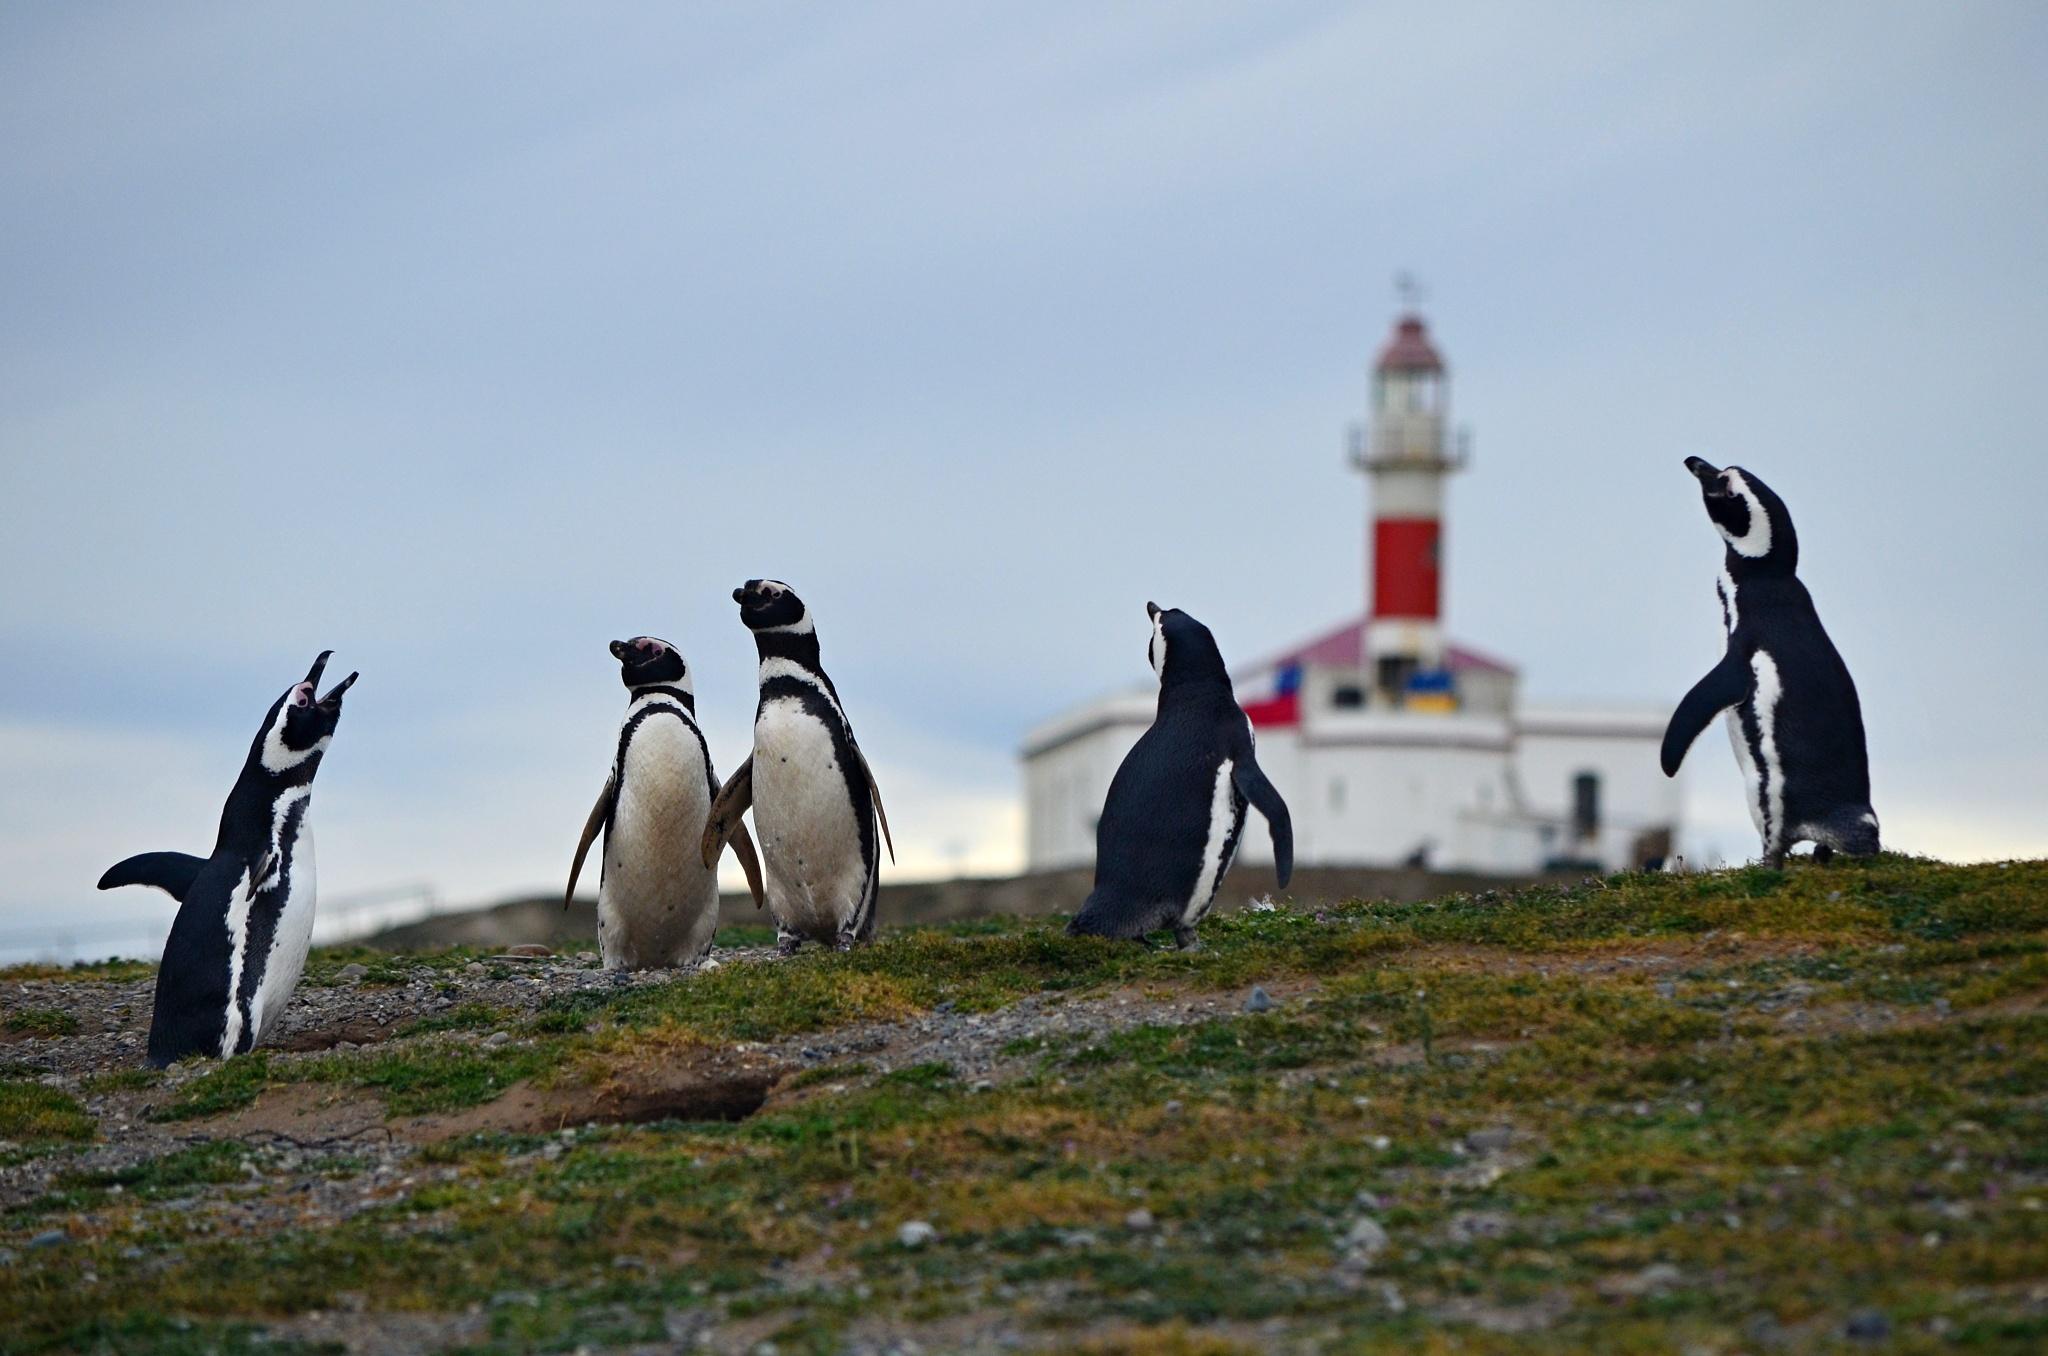 Sněm tučňáků kousek přes majákem